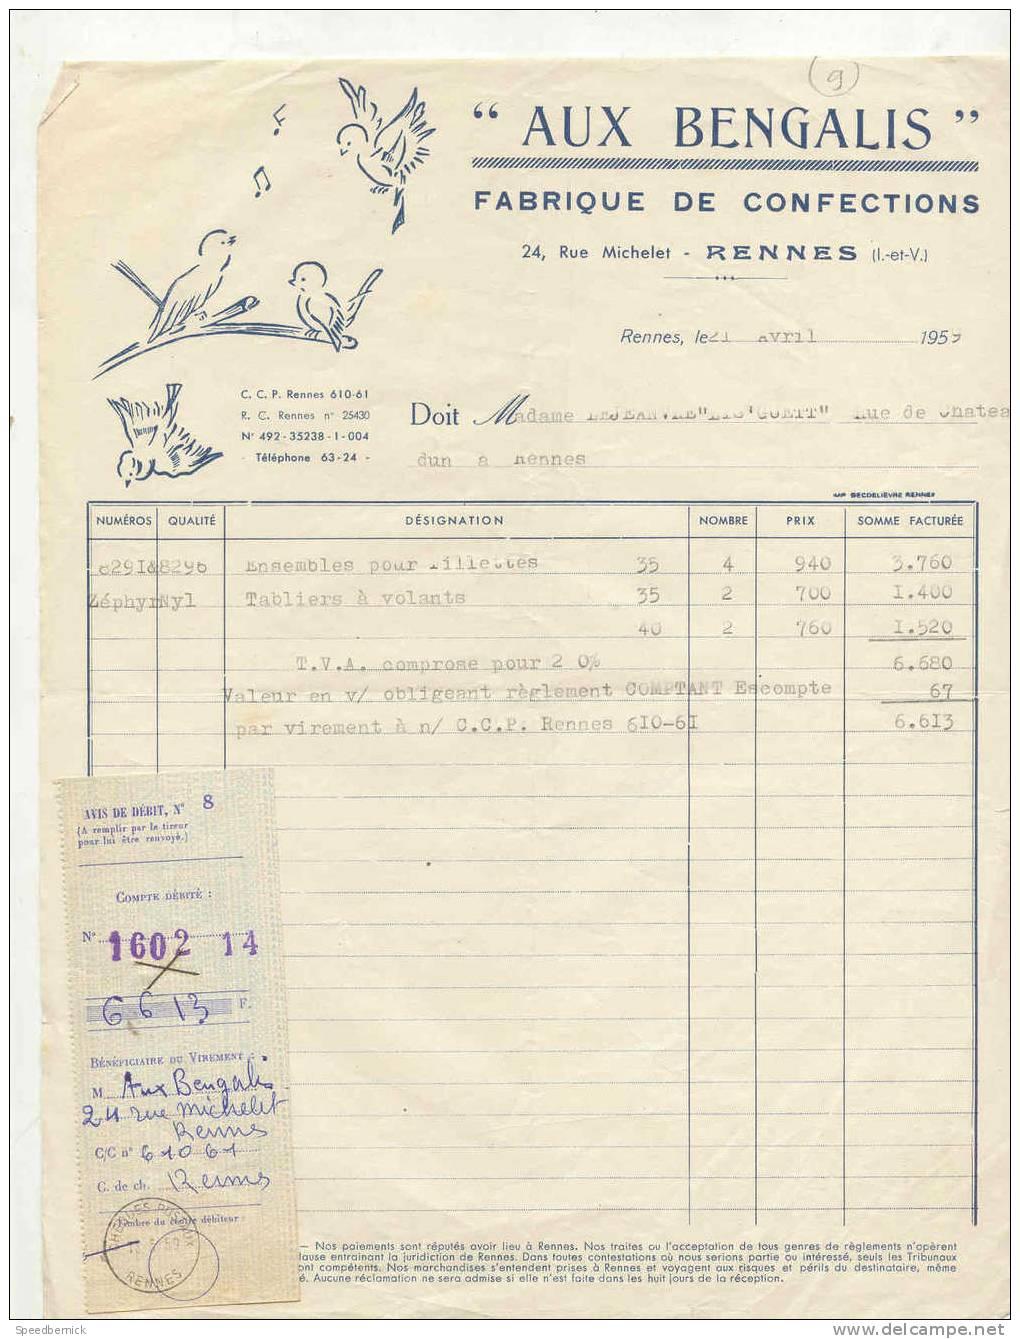 FF9- Aux Bengalis ; Fabrique Confections , 24 Rue Michelet Rennes . 1959 - France